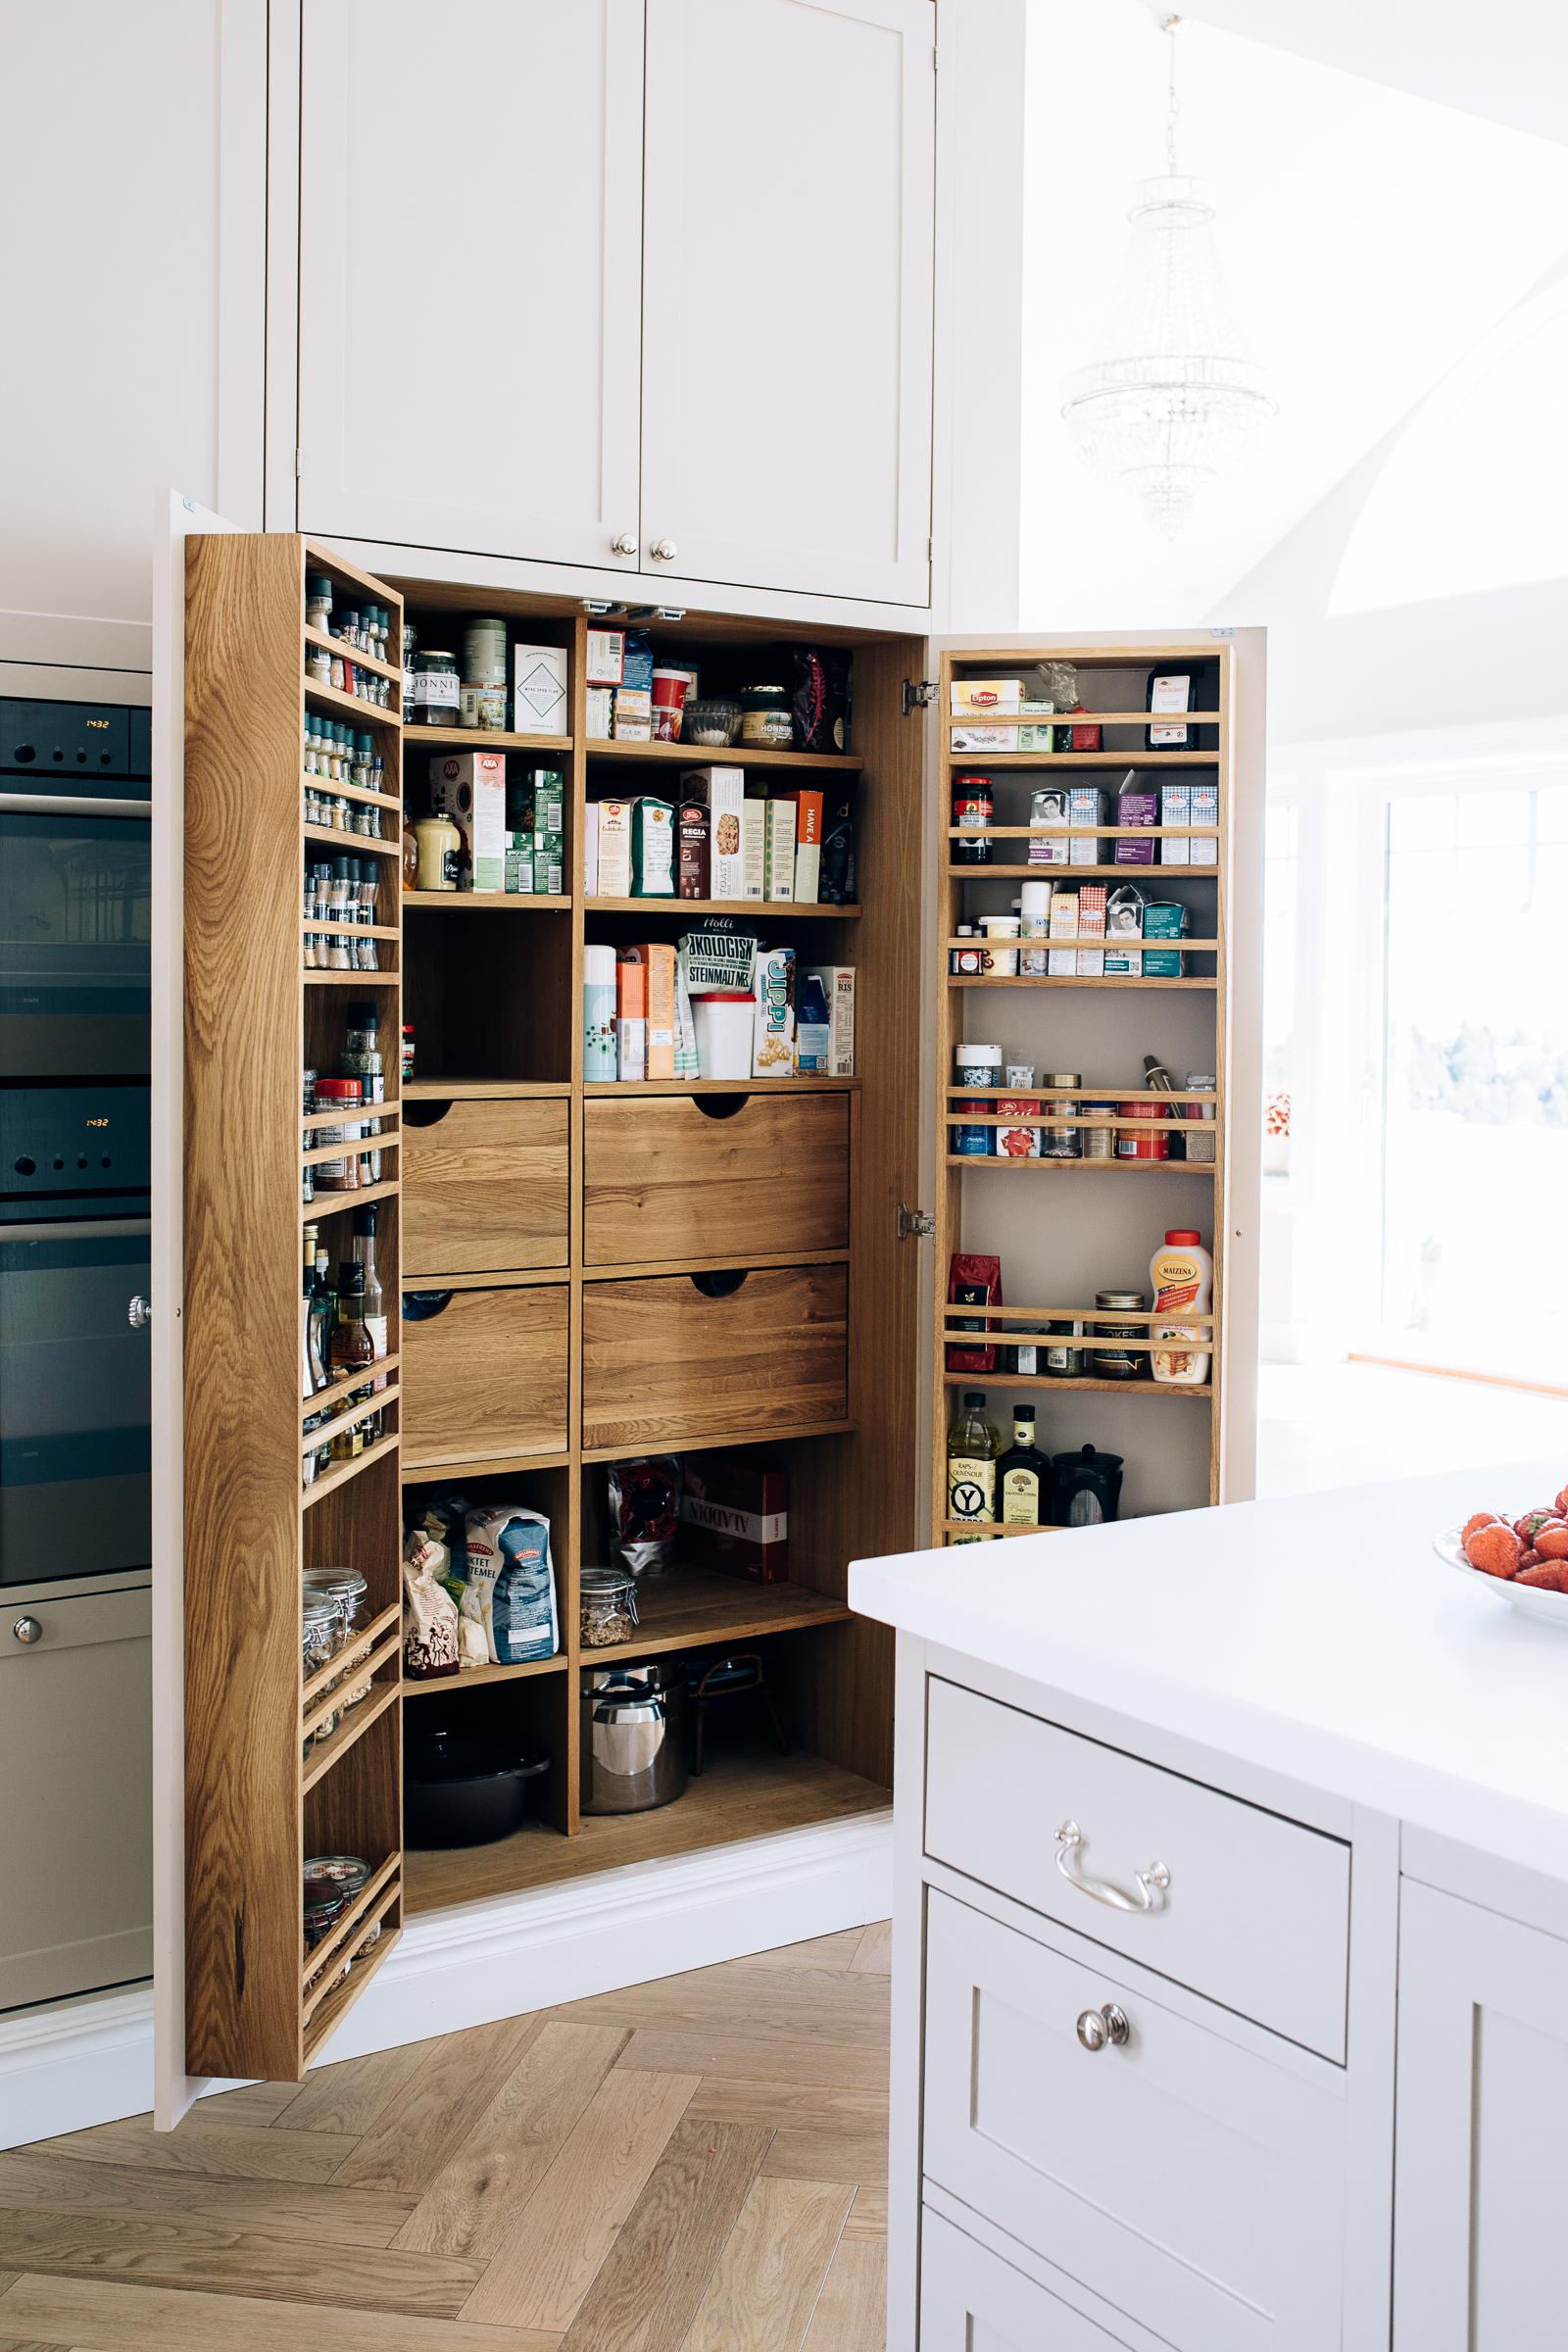 Stort pantry med dobbeltdører for oppbevaring av tørrvarer